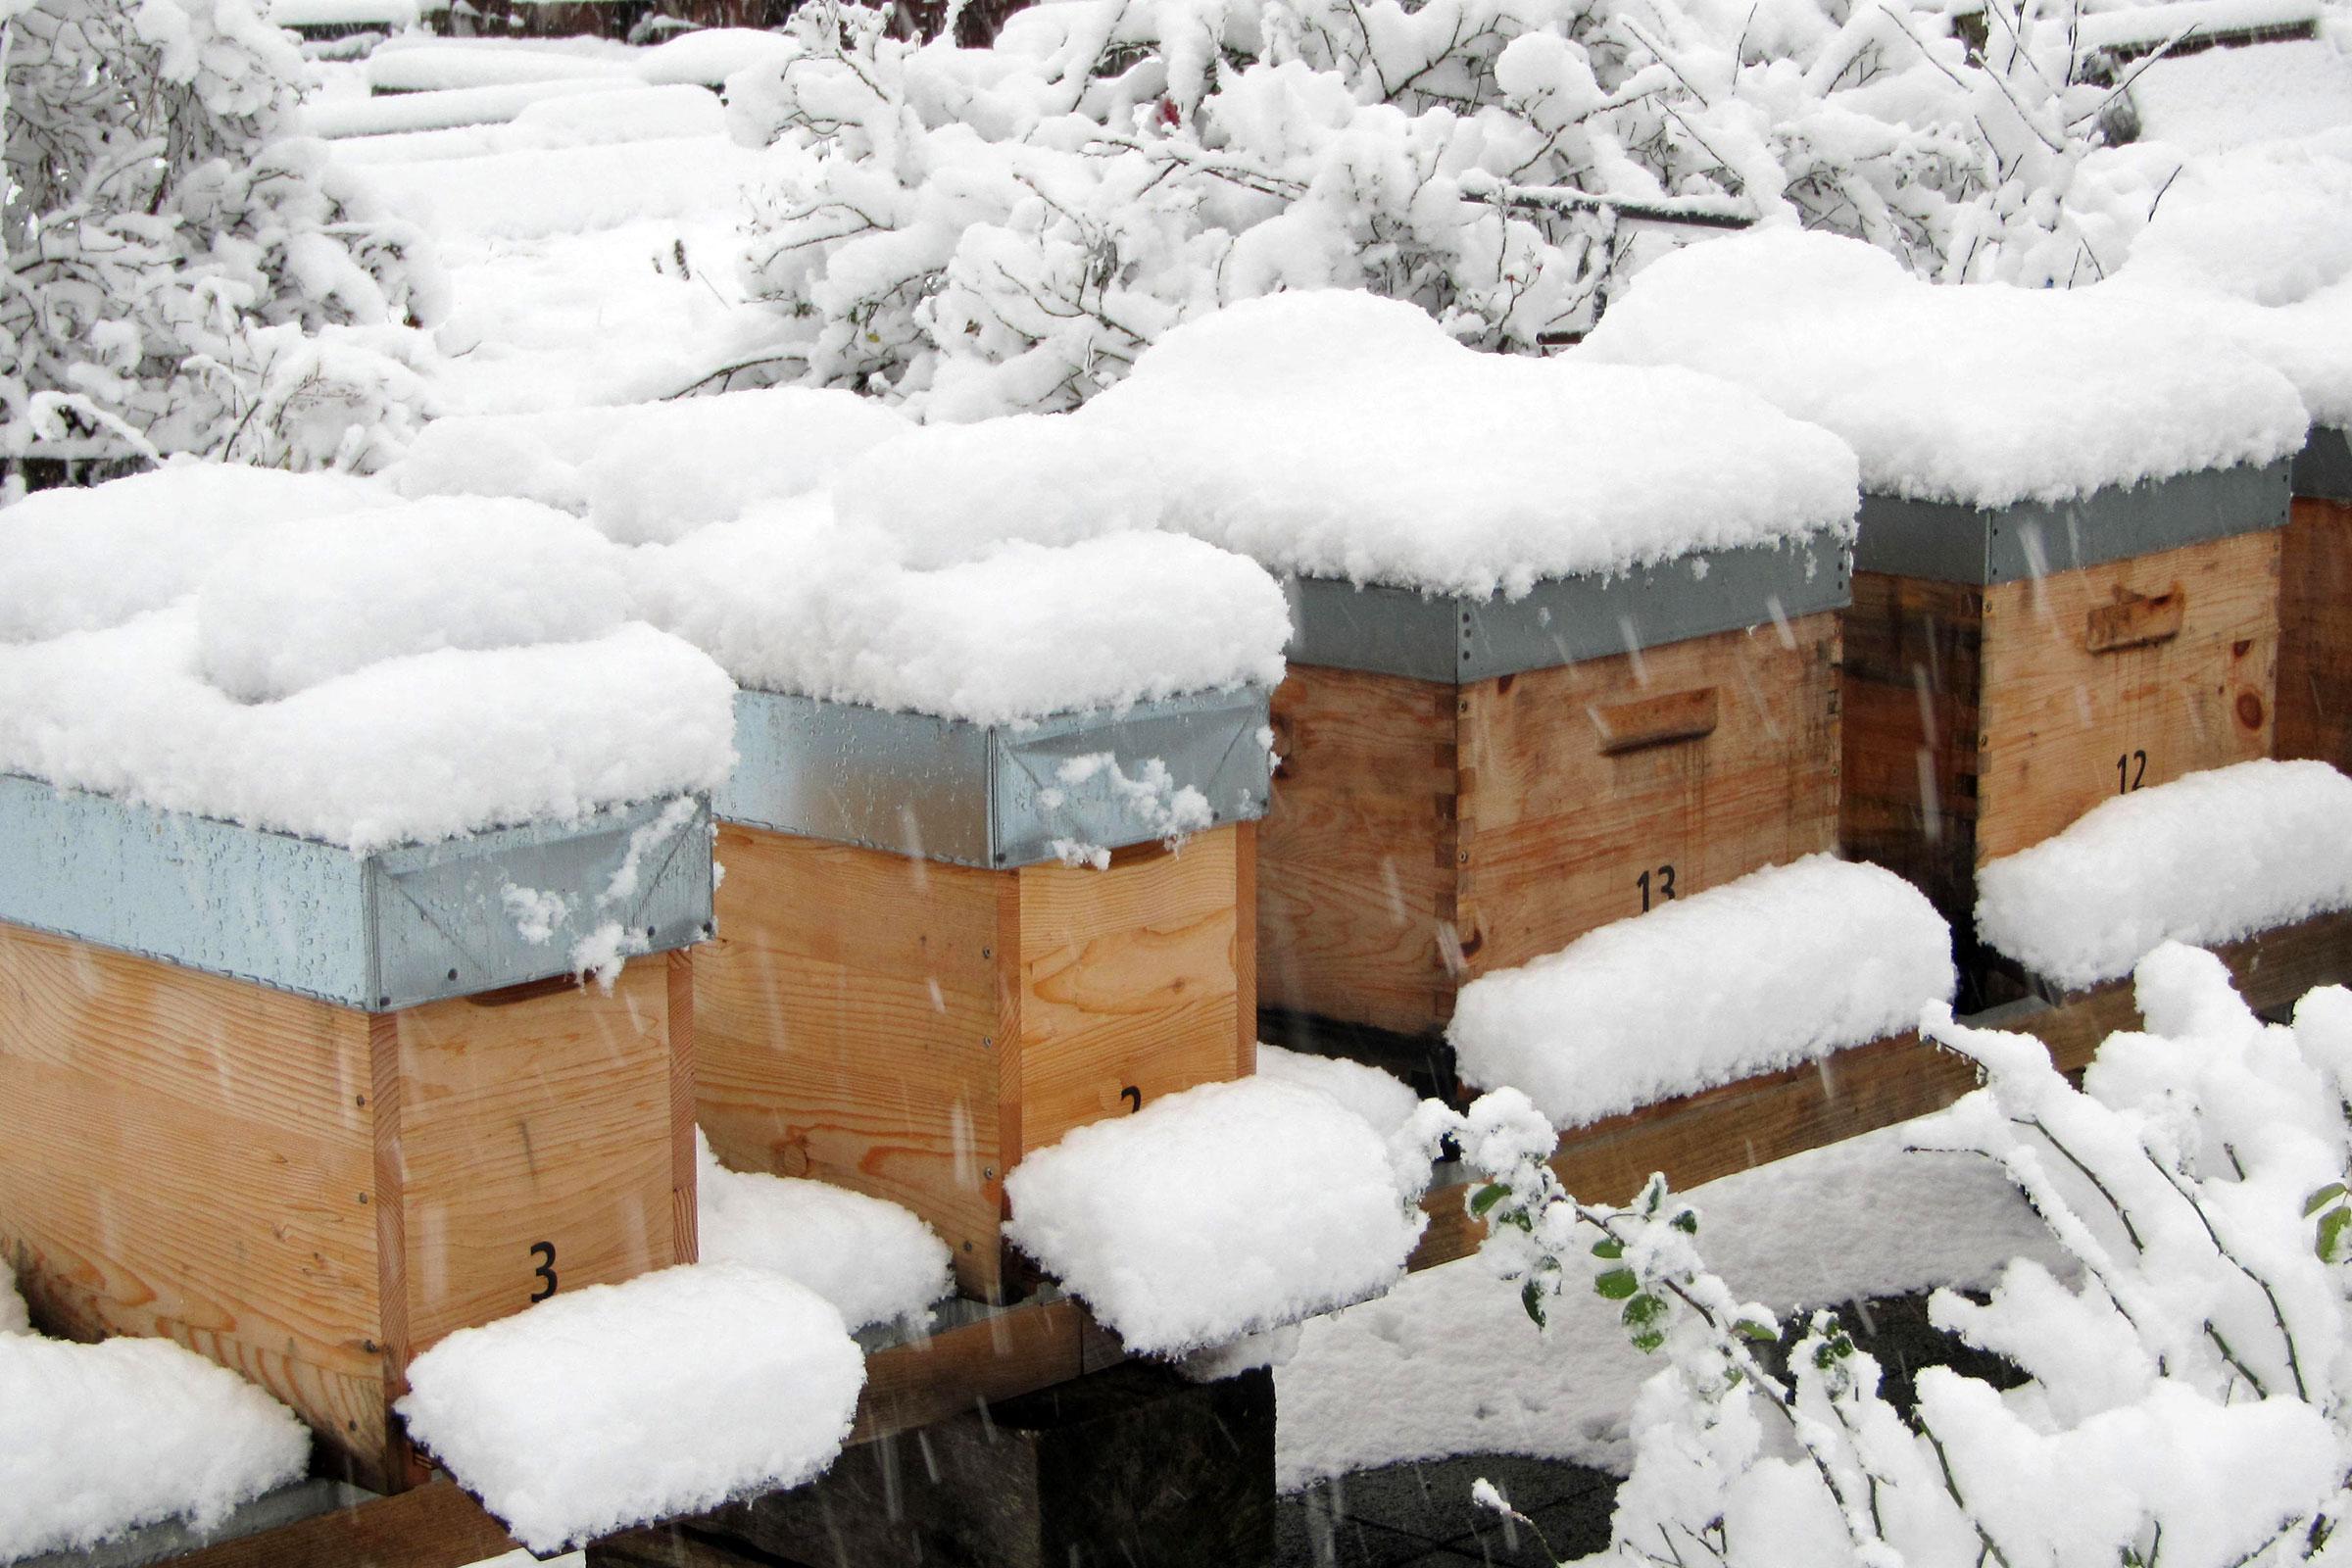 Bienenstöcke der Imkerei Bienenhort Suderwich im Winter